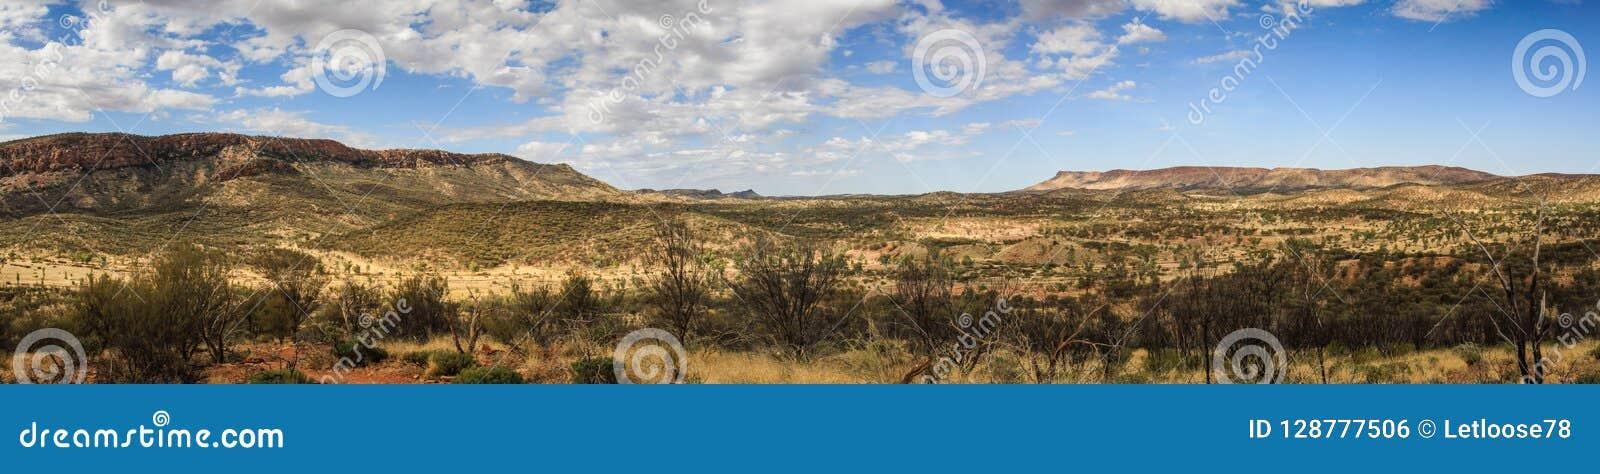 Panoramautsikt av det västra McDonnell området från Cassia Hill, nordligt territorium, Australien